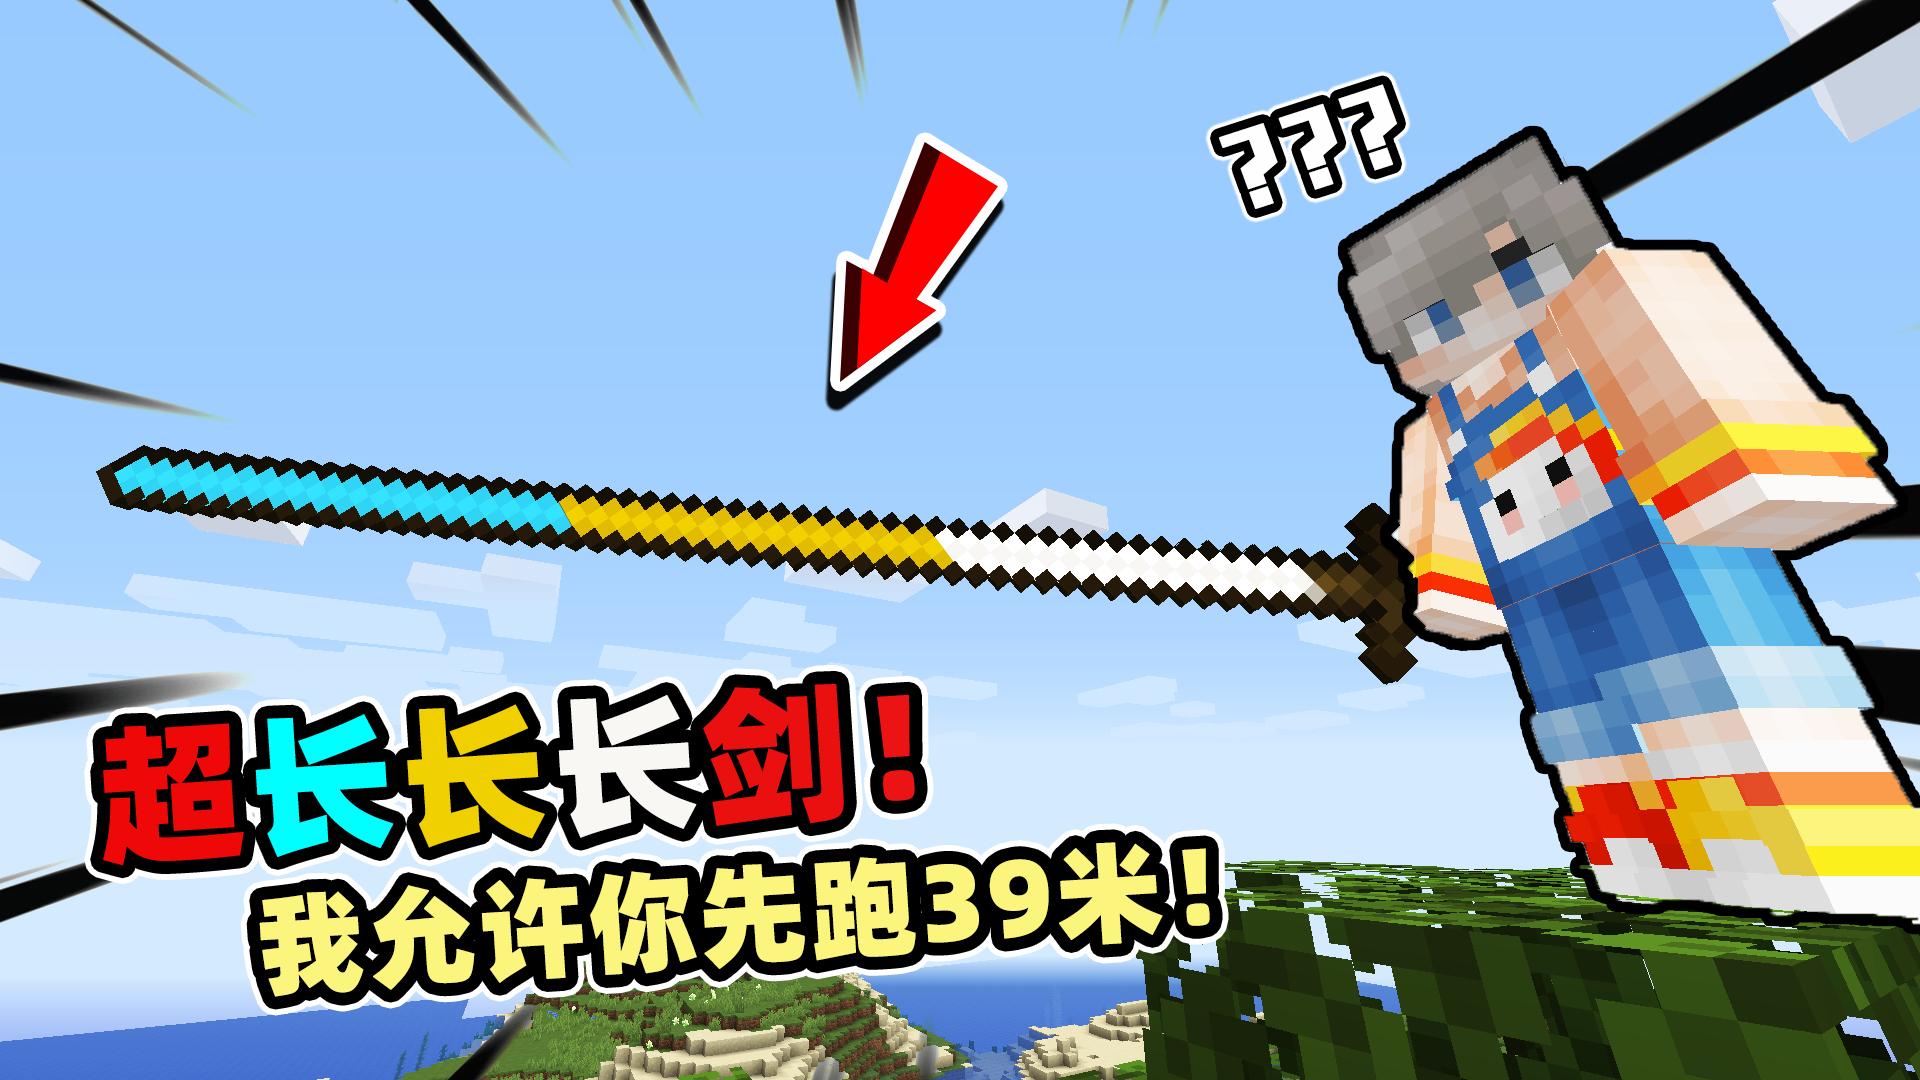 我的世界模组:攻击范围超大的长长长长长剑,我允许你先跑39米!